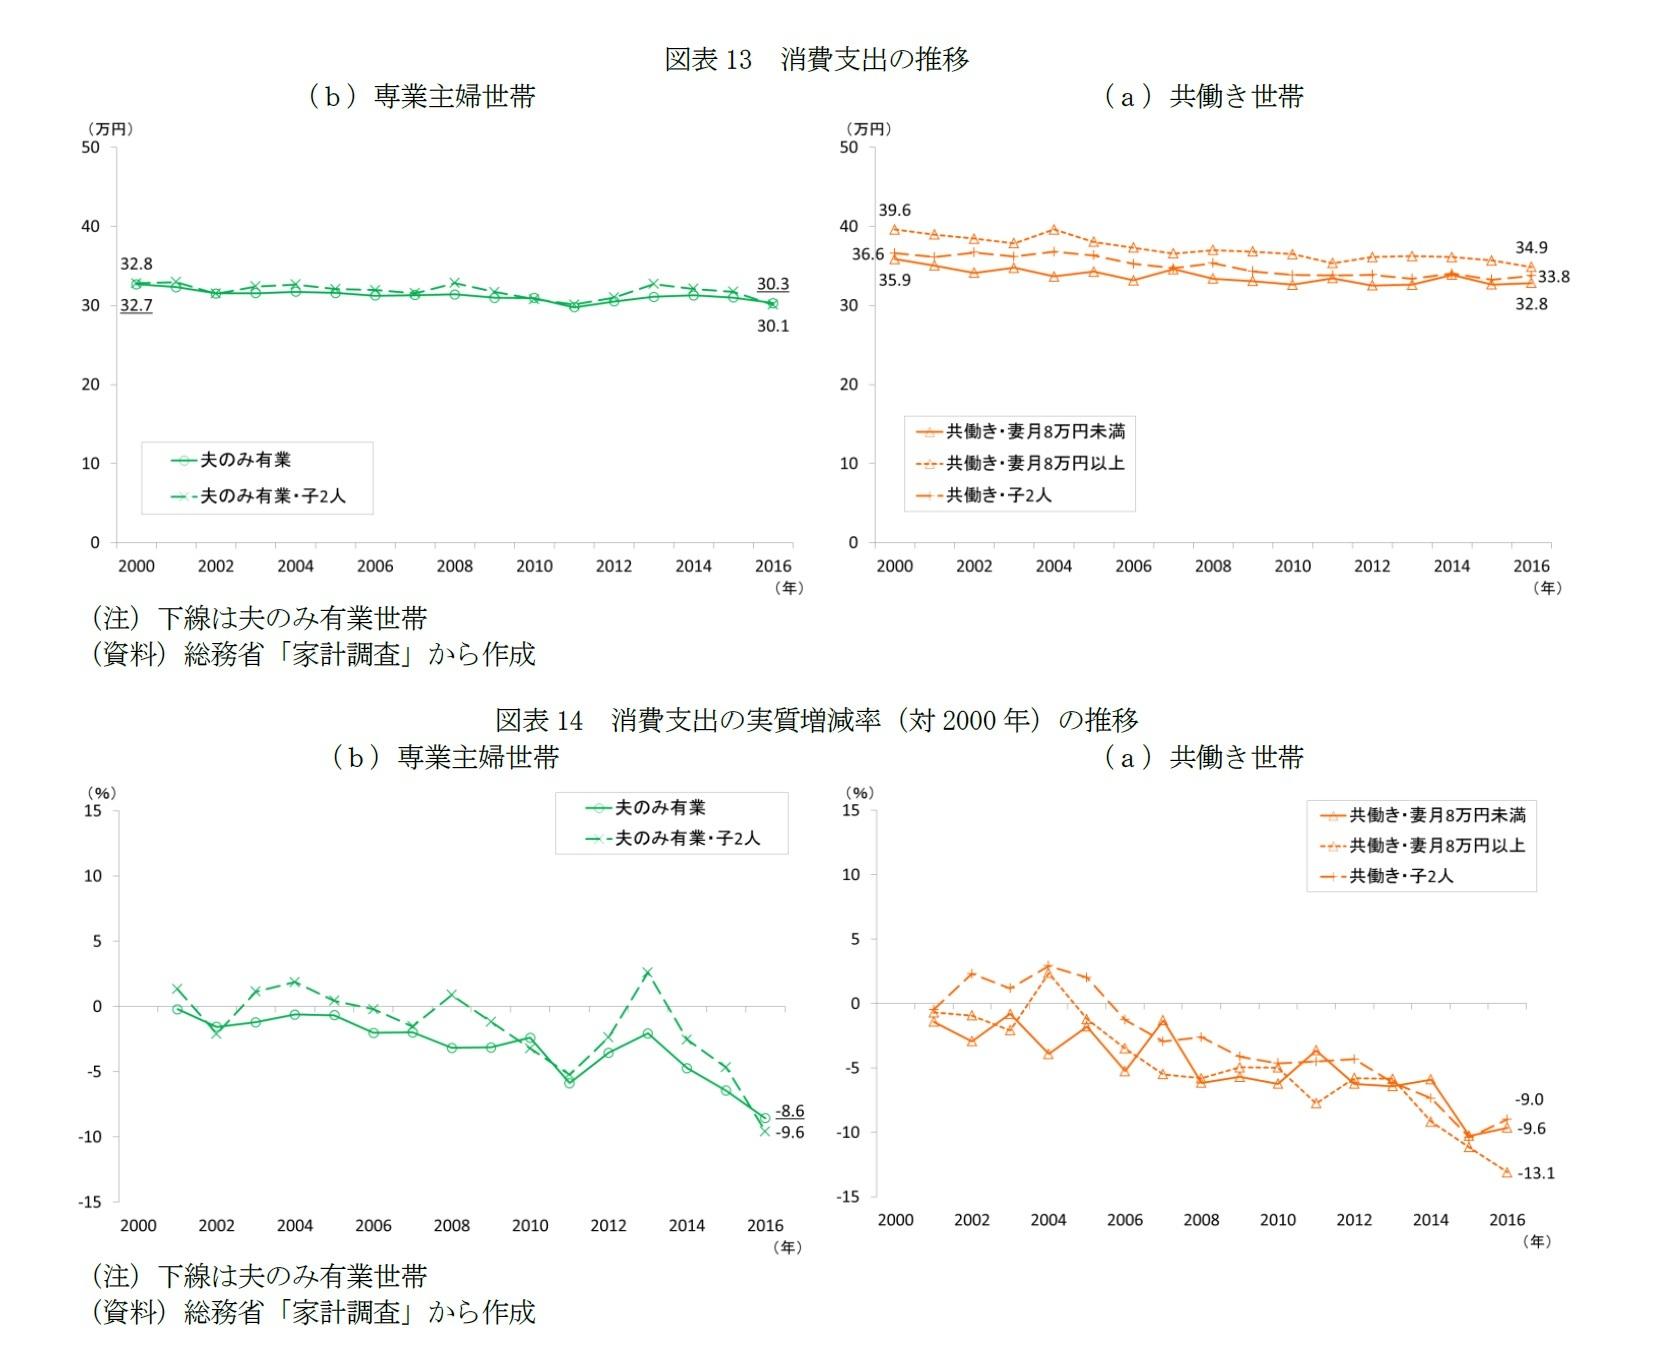 図表13 消費支出の推移/図表14 消費支出の実質増減率(対2000年)の推移